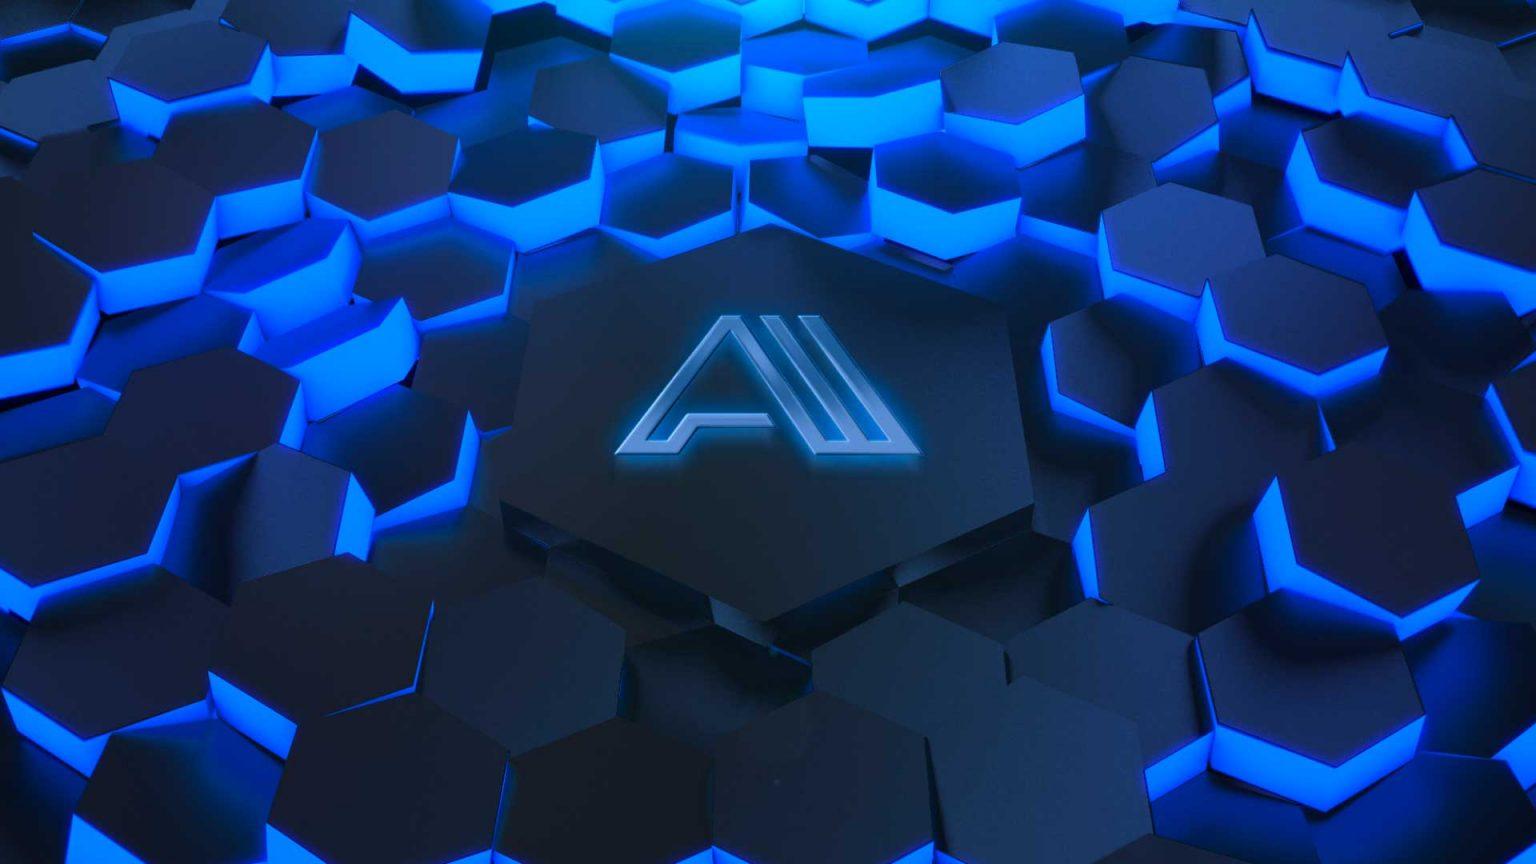 Logo-animado-Impacto-tecnológico-AL310-animacion-logotipo-1536x864